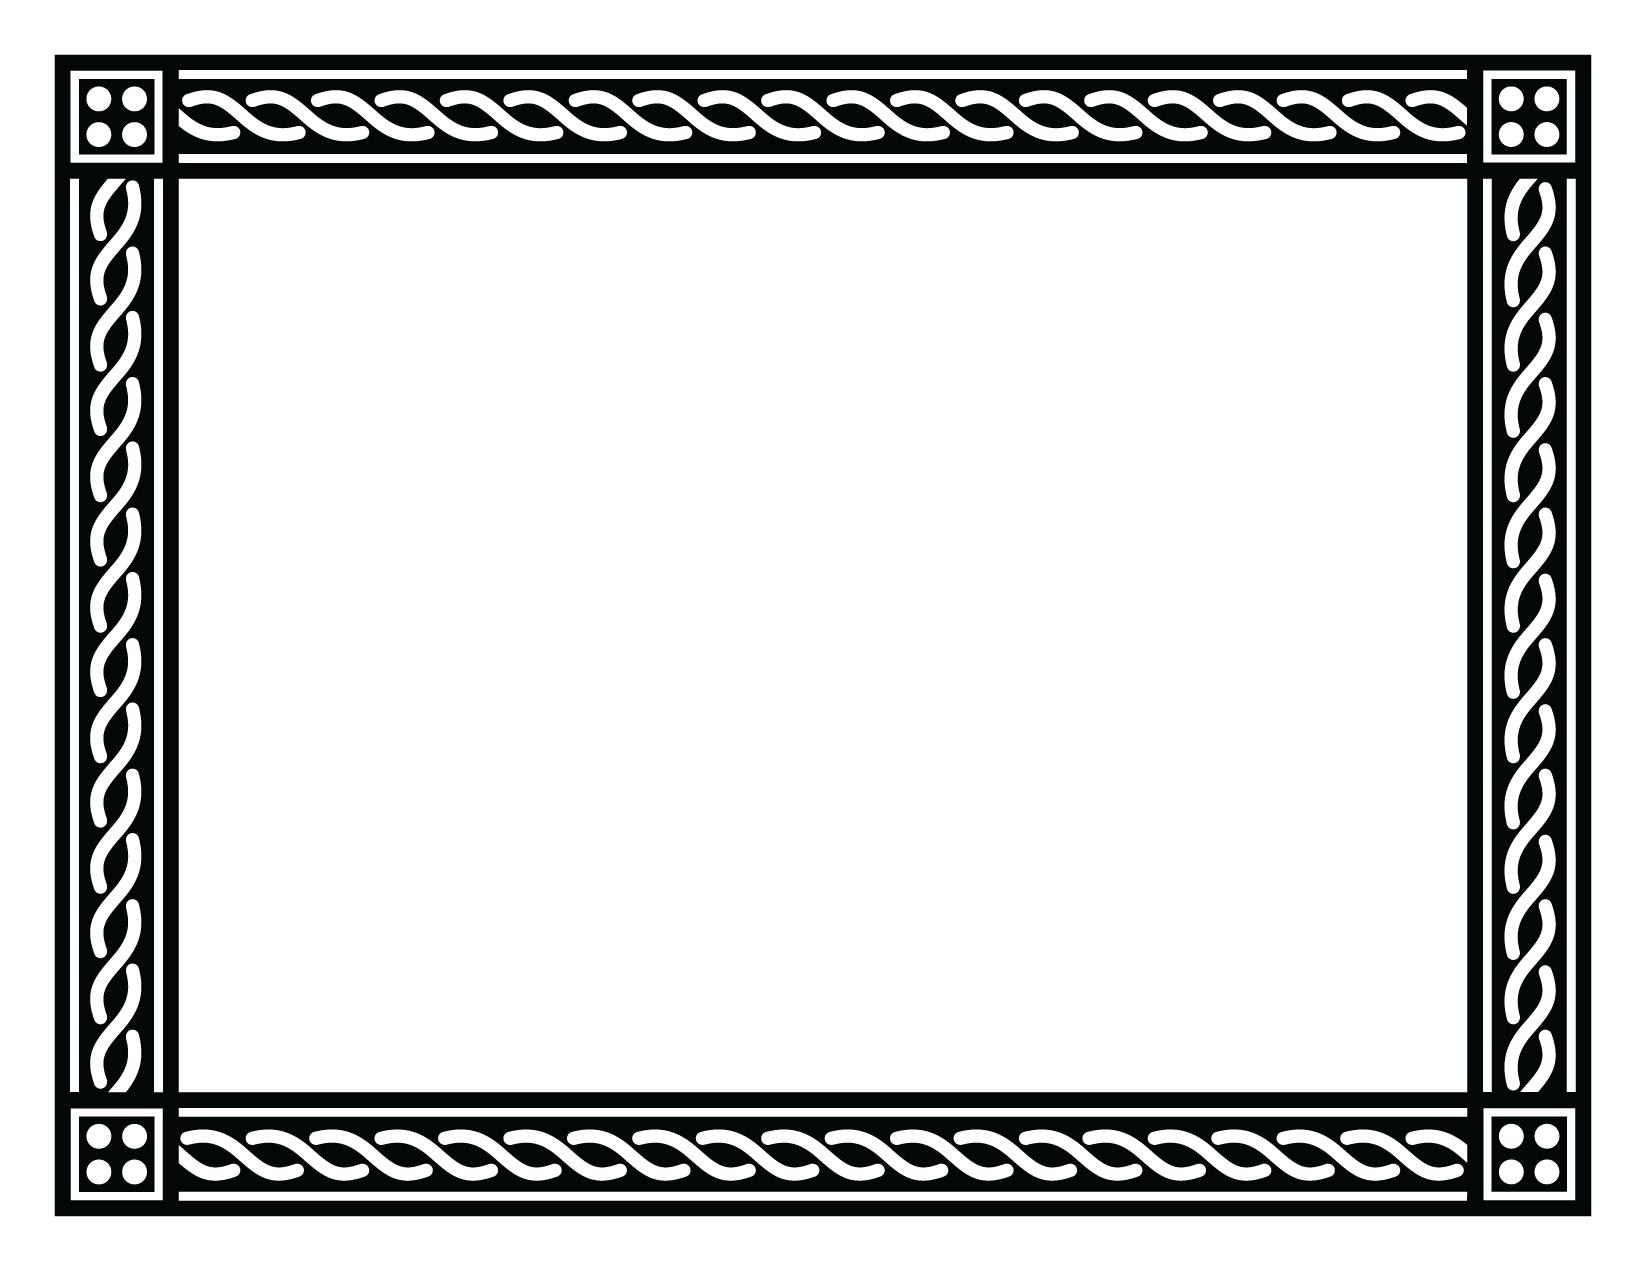 black border png | Certificate-Border-2-Black-PNG.png | Frames ...